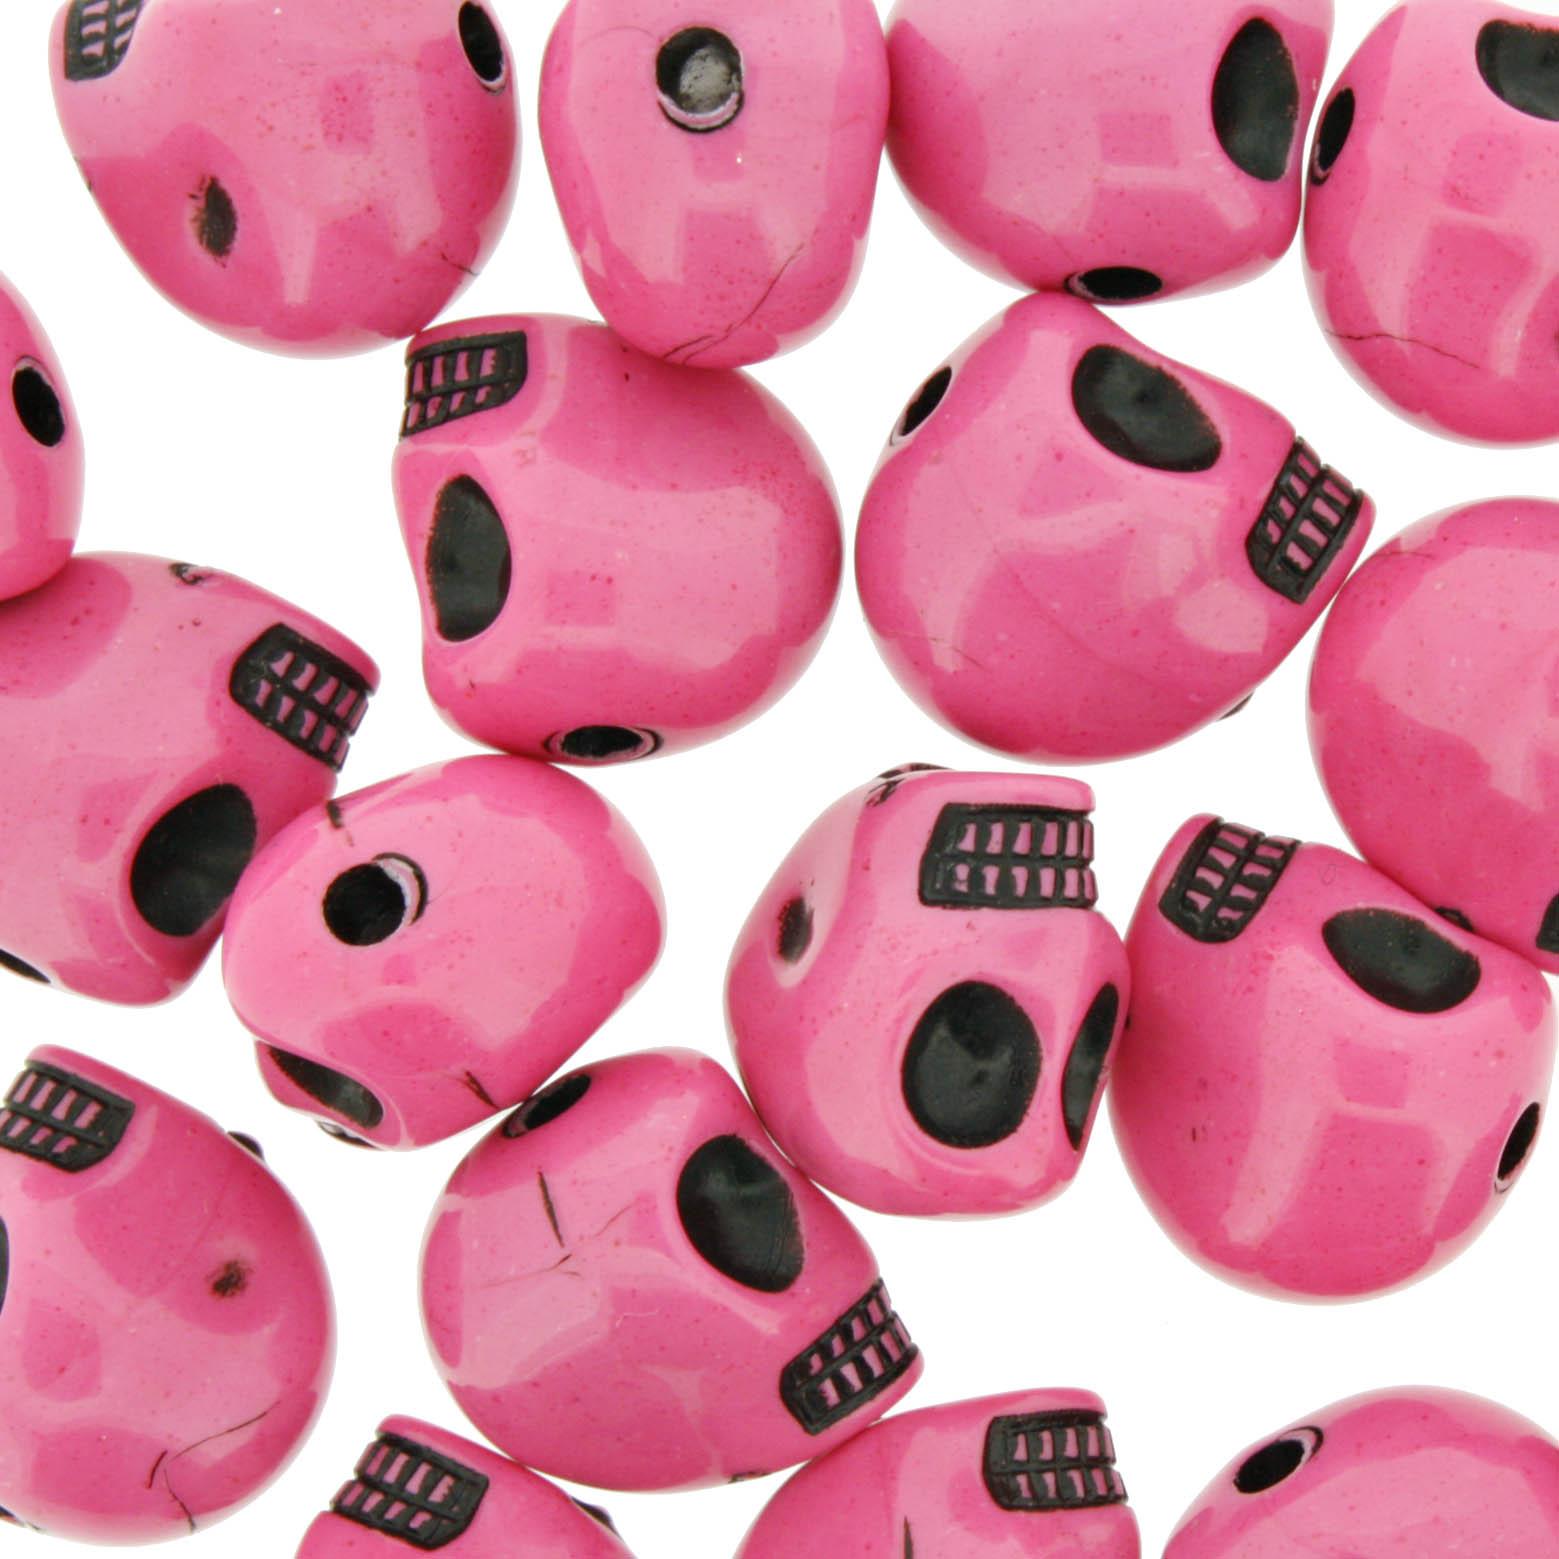 Firma Caveira - Resina Plástica - Pequena Rosa - 10 Peças  - Universo Religioso® - Artigos de Umbanda e Candomblé